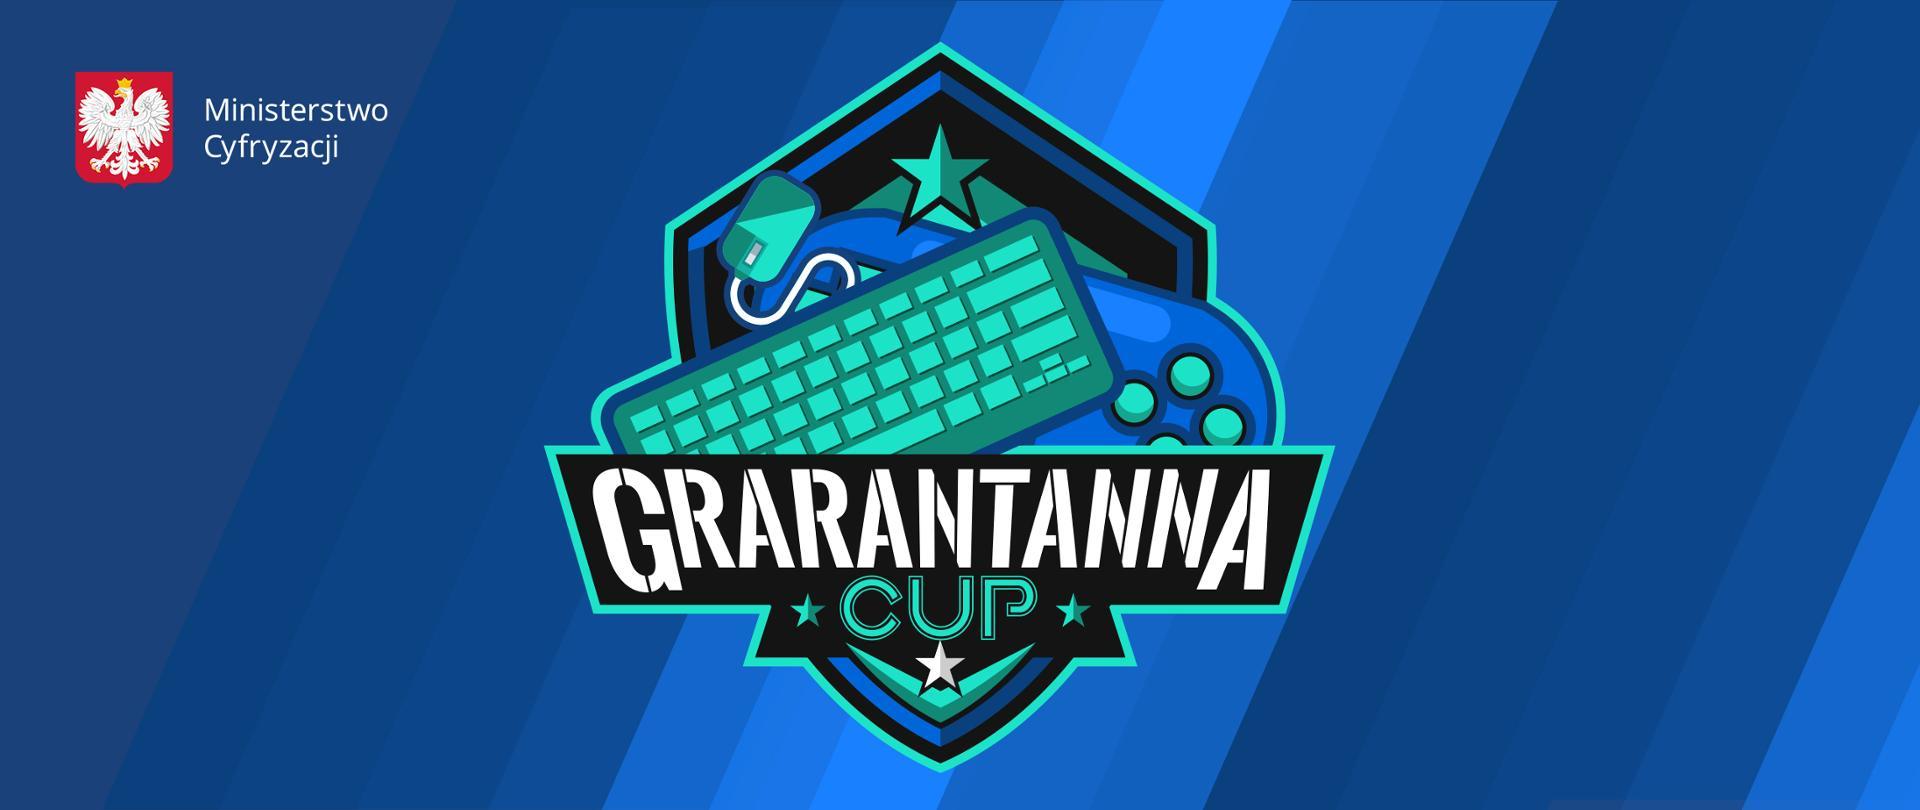 Logotyp wydarzenia. Napis Grarantanna Cup. W logo klawiatura, myszka, pad. Urządzenia leżą jedno na drugim. Tło niebieskie - skośne paski w różnych odcieniach. W lewym górnym rogu - logo ministerstwa.